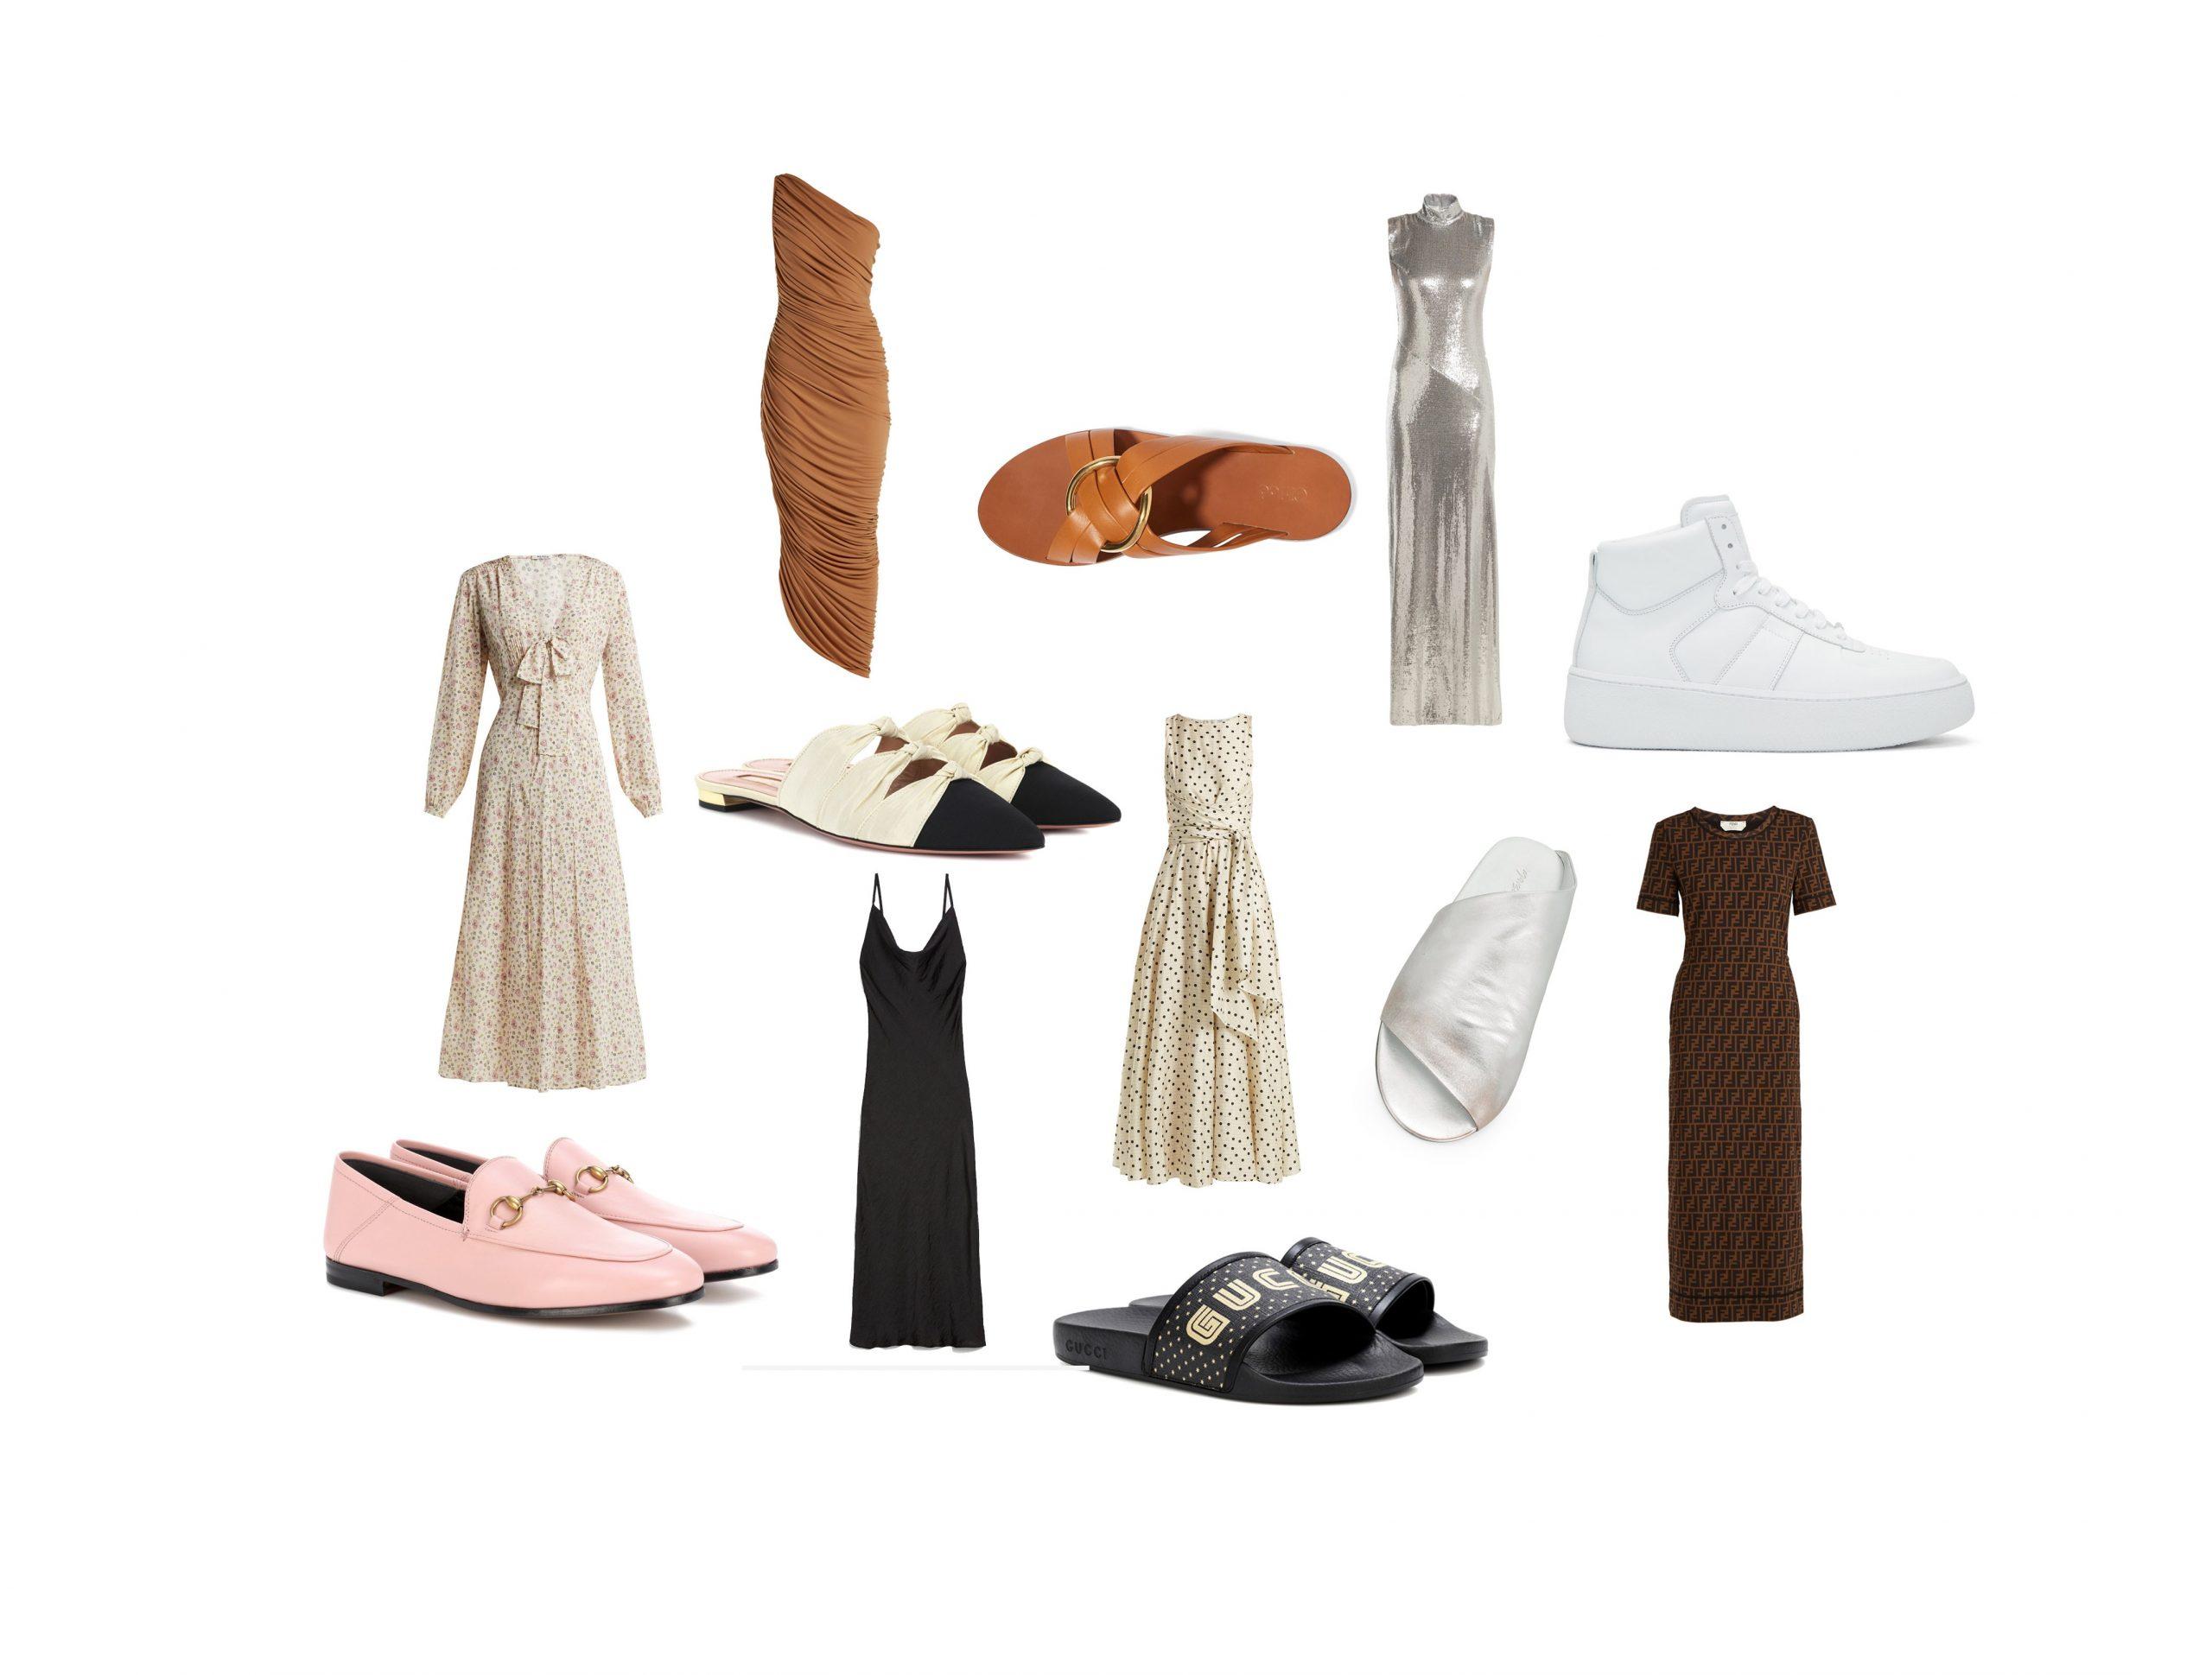 Abend Genial Flache Schuhe Abendkleid Galerie10 Schön Flache Schuhe Abendkleid Ärmel